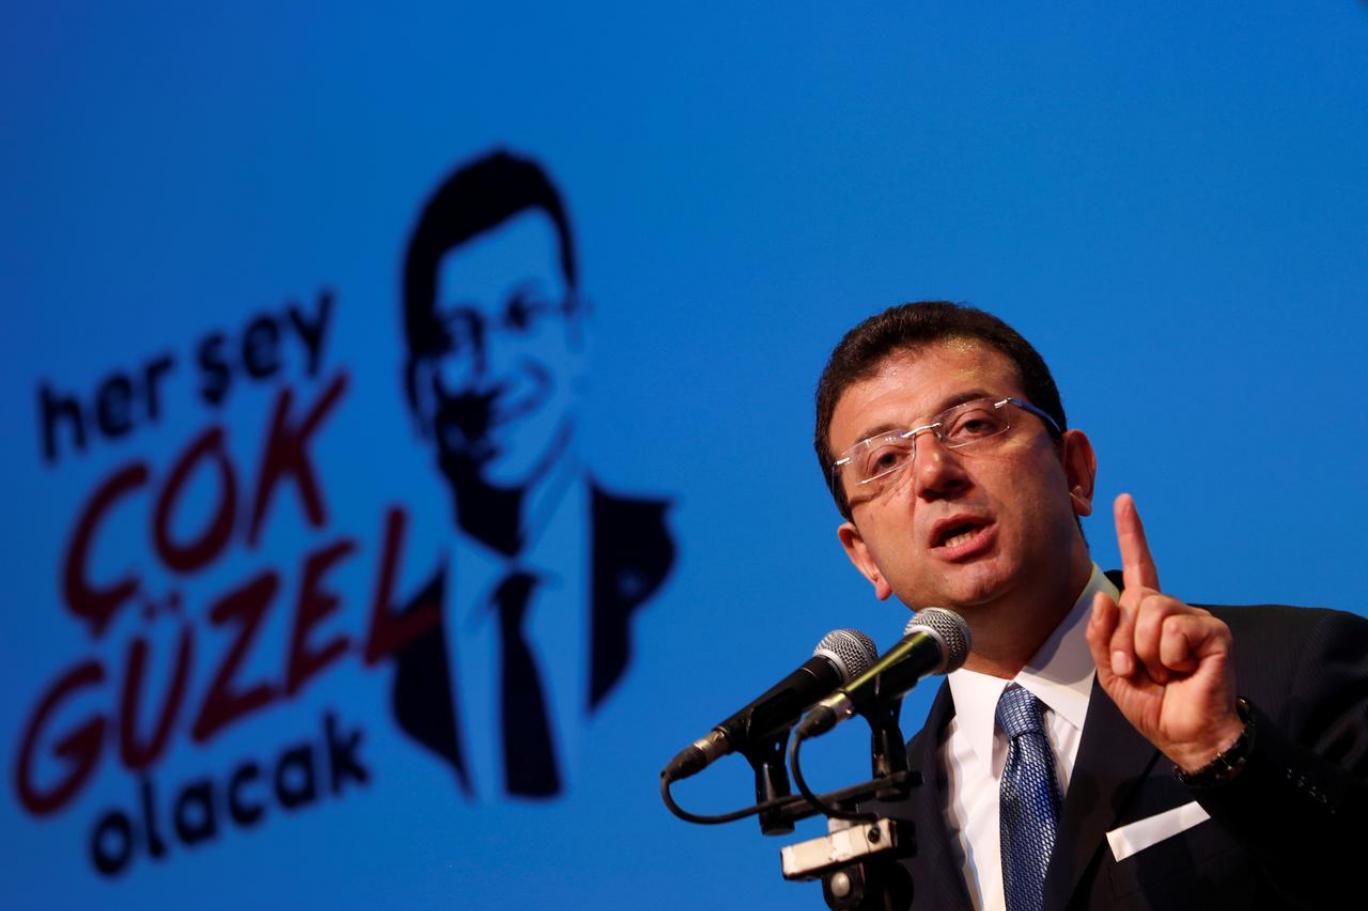 İmamoğlu'nun seçim kampanyasına 5 ödül